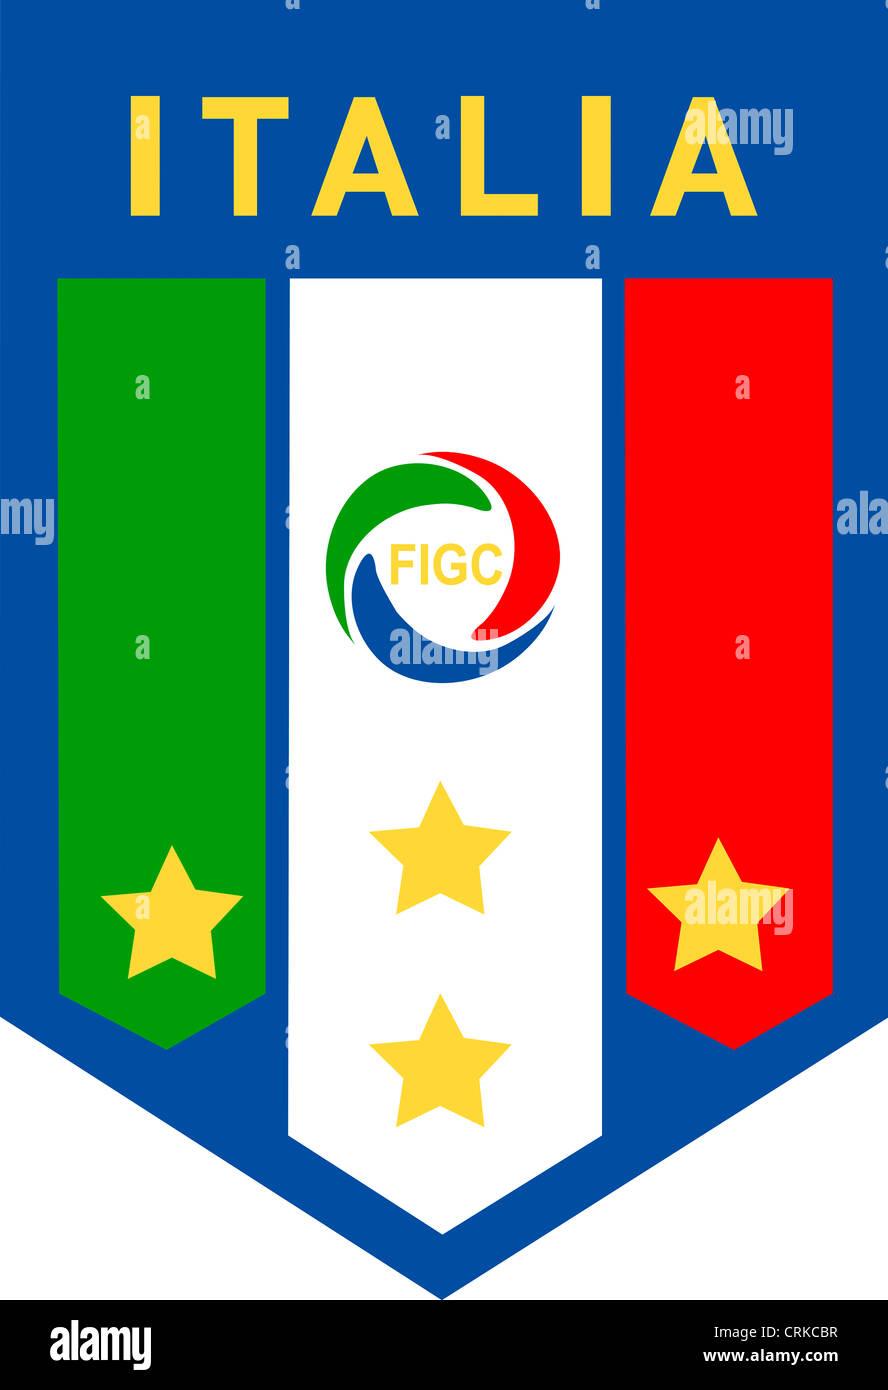 Logo der italienischen Fußball Verein Federazione Italiana Giuoco Calcio FIGC und der Nationalmannschaft. Stockbild